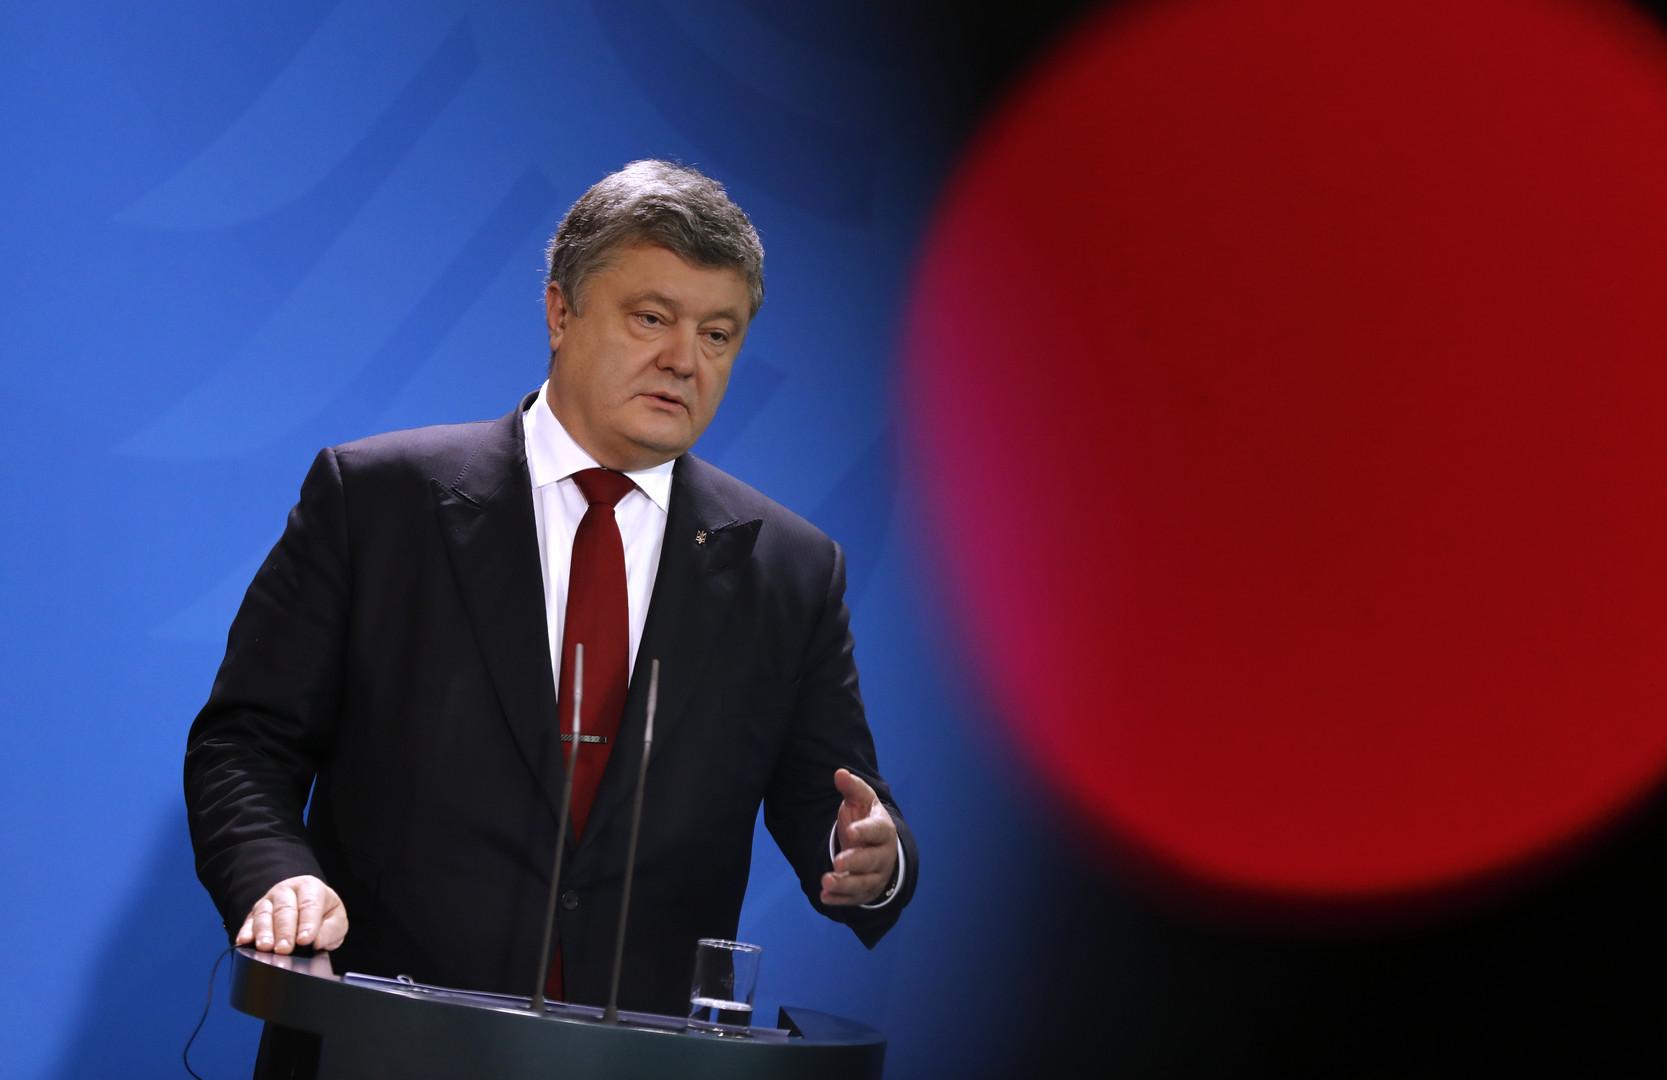 Тайные поставки: почему Украина отрицает закупку угля у России